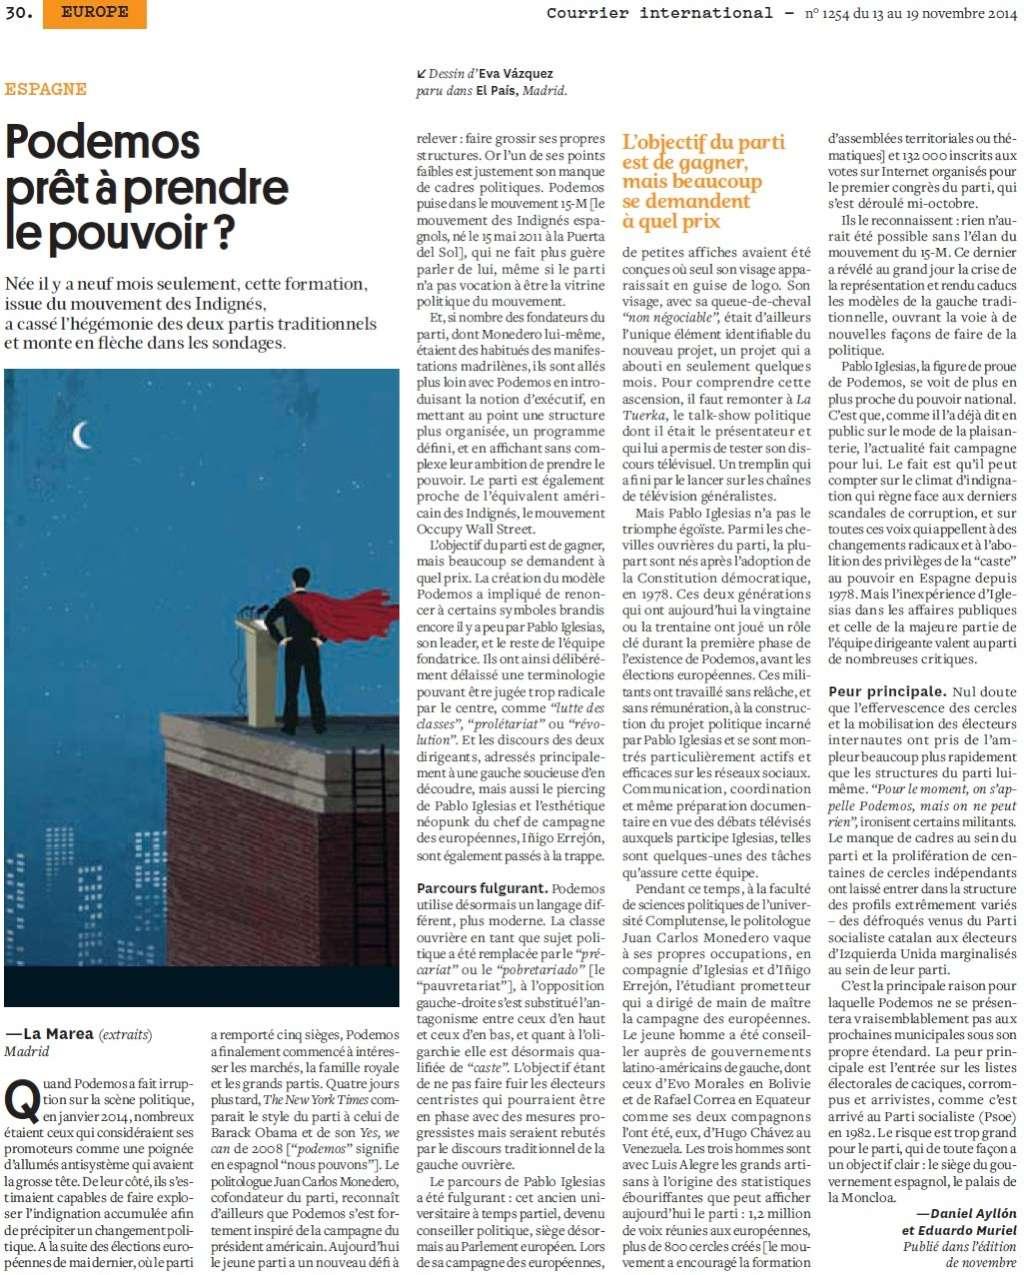 Podemos, la nouvelle vague de l'indignation + À Madrid, plongée dans le congrès 2.0 de Podemos + Podemos, ce mouvement qui bouscule l'Espagne + Podemos prêt à prendre le pouvoir ? + Yes Podemos Podemo10